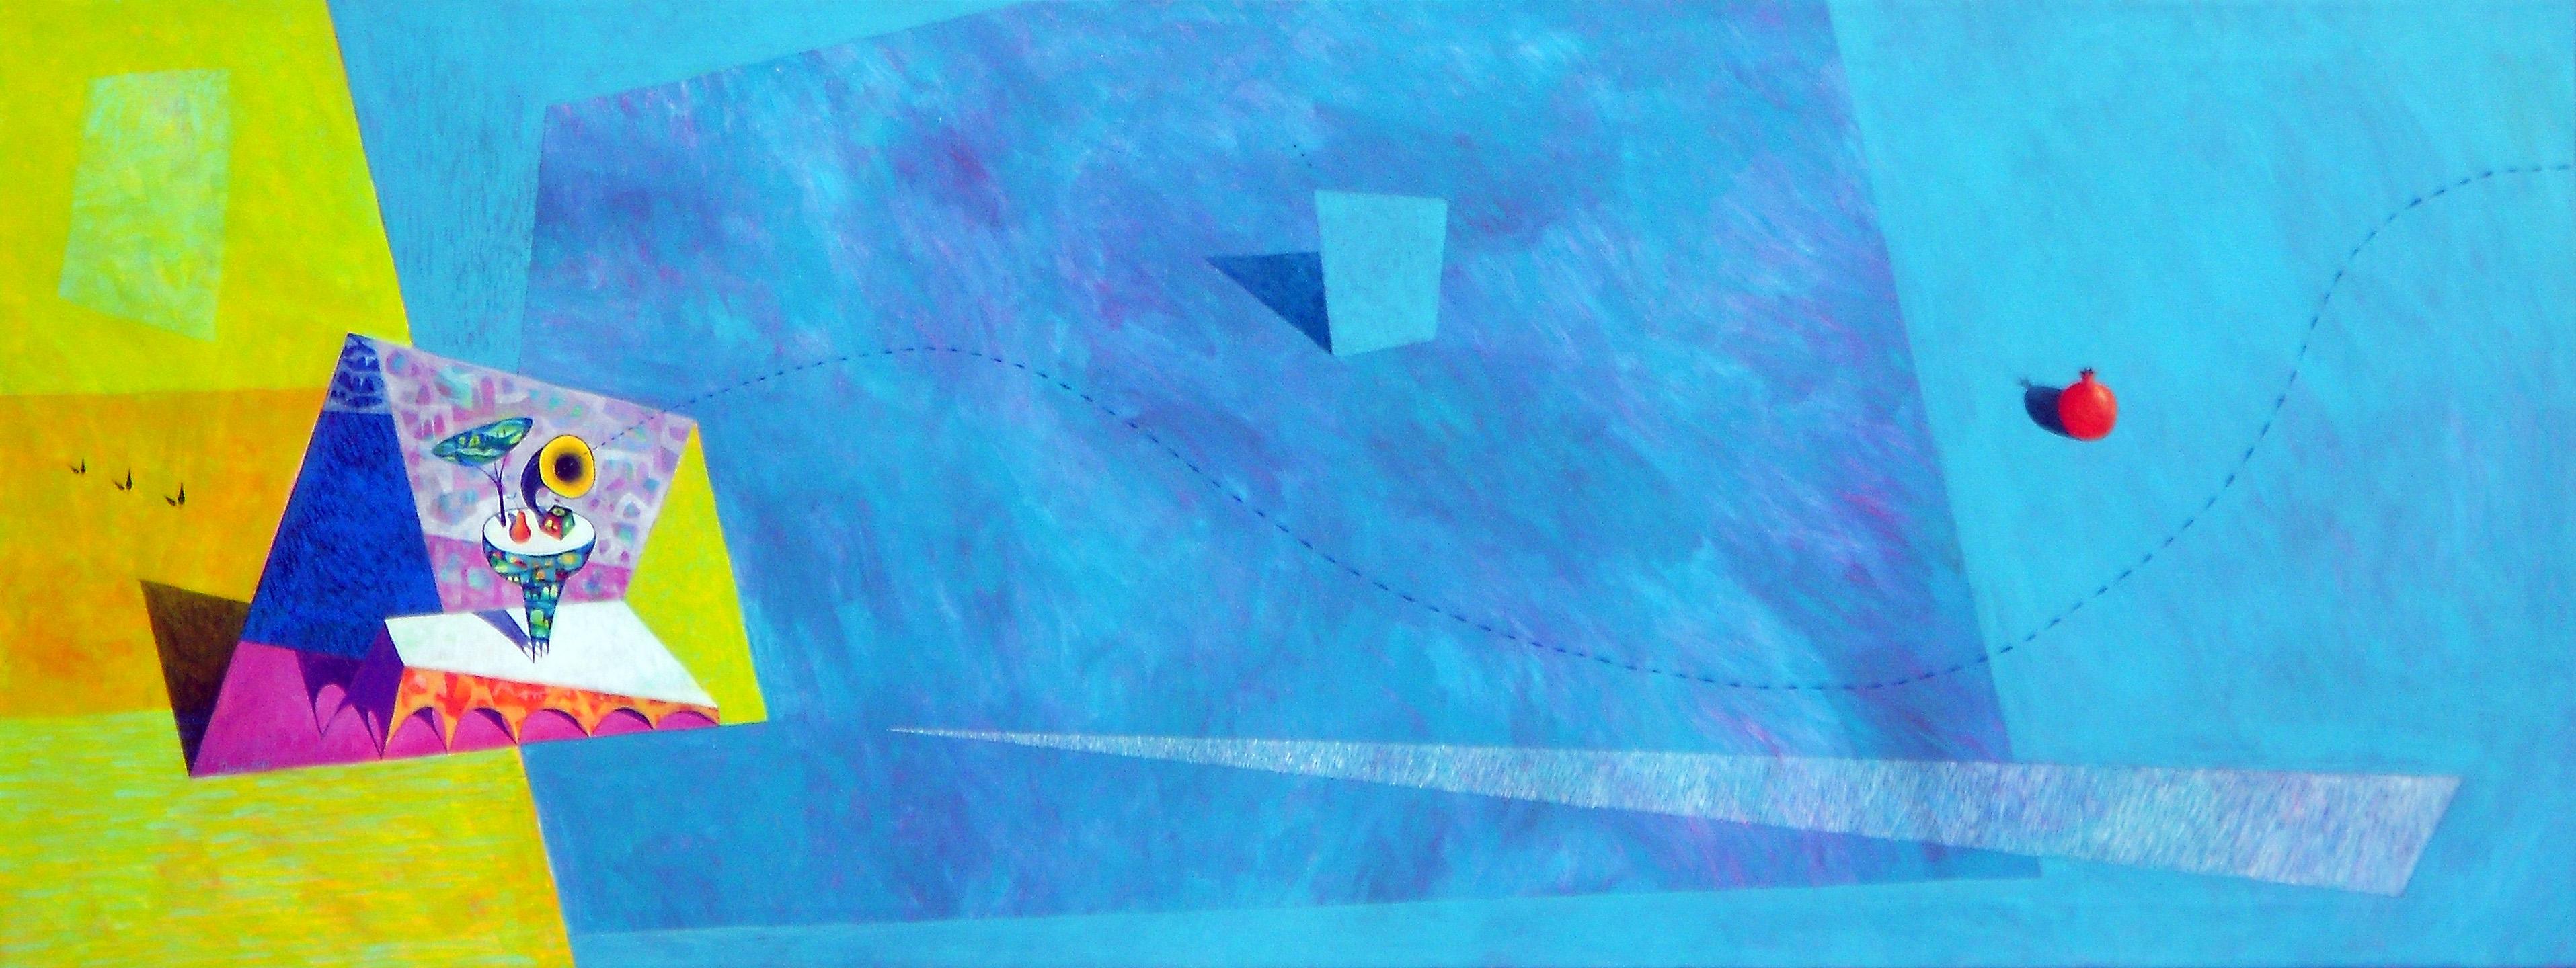 Velika modrina, 54 x 145 cm, akril, 2013, cena 1500 eur